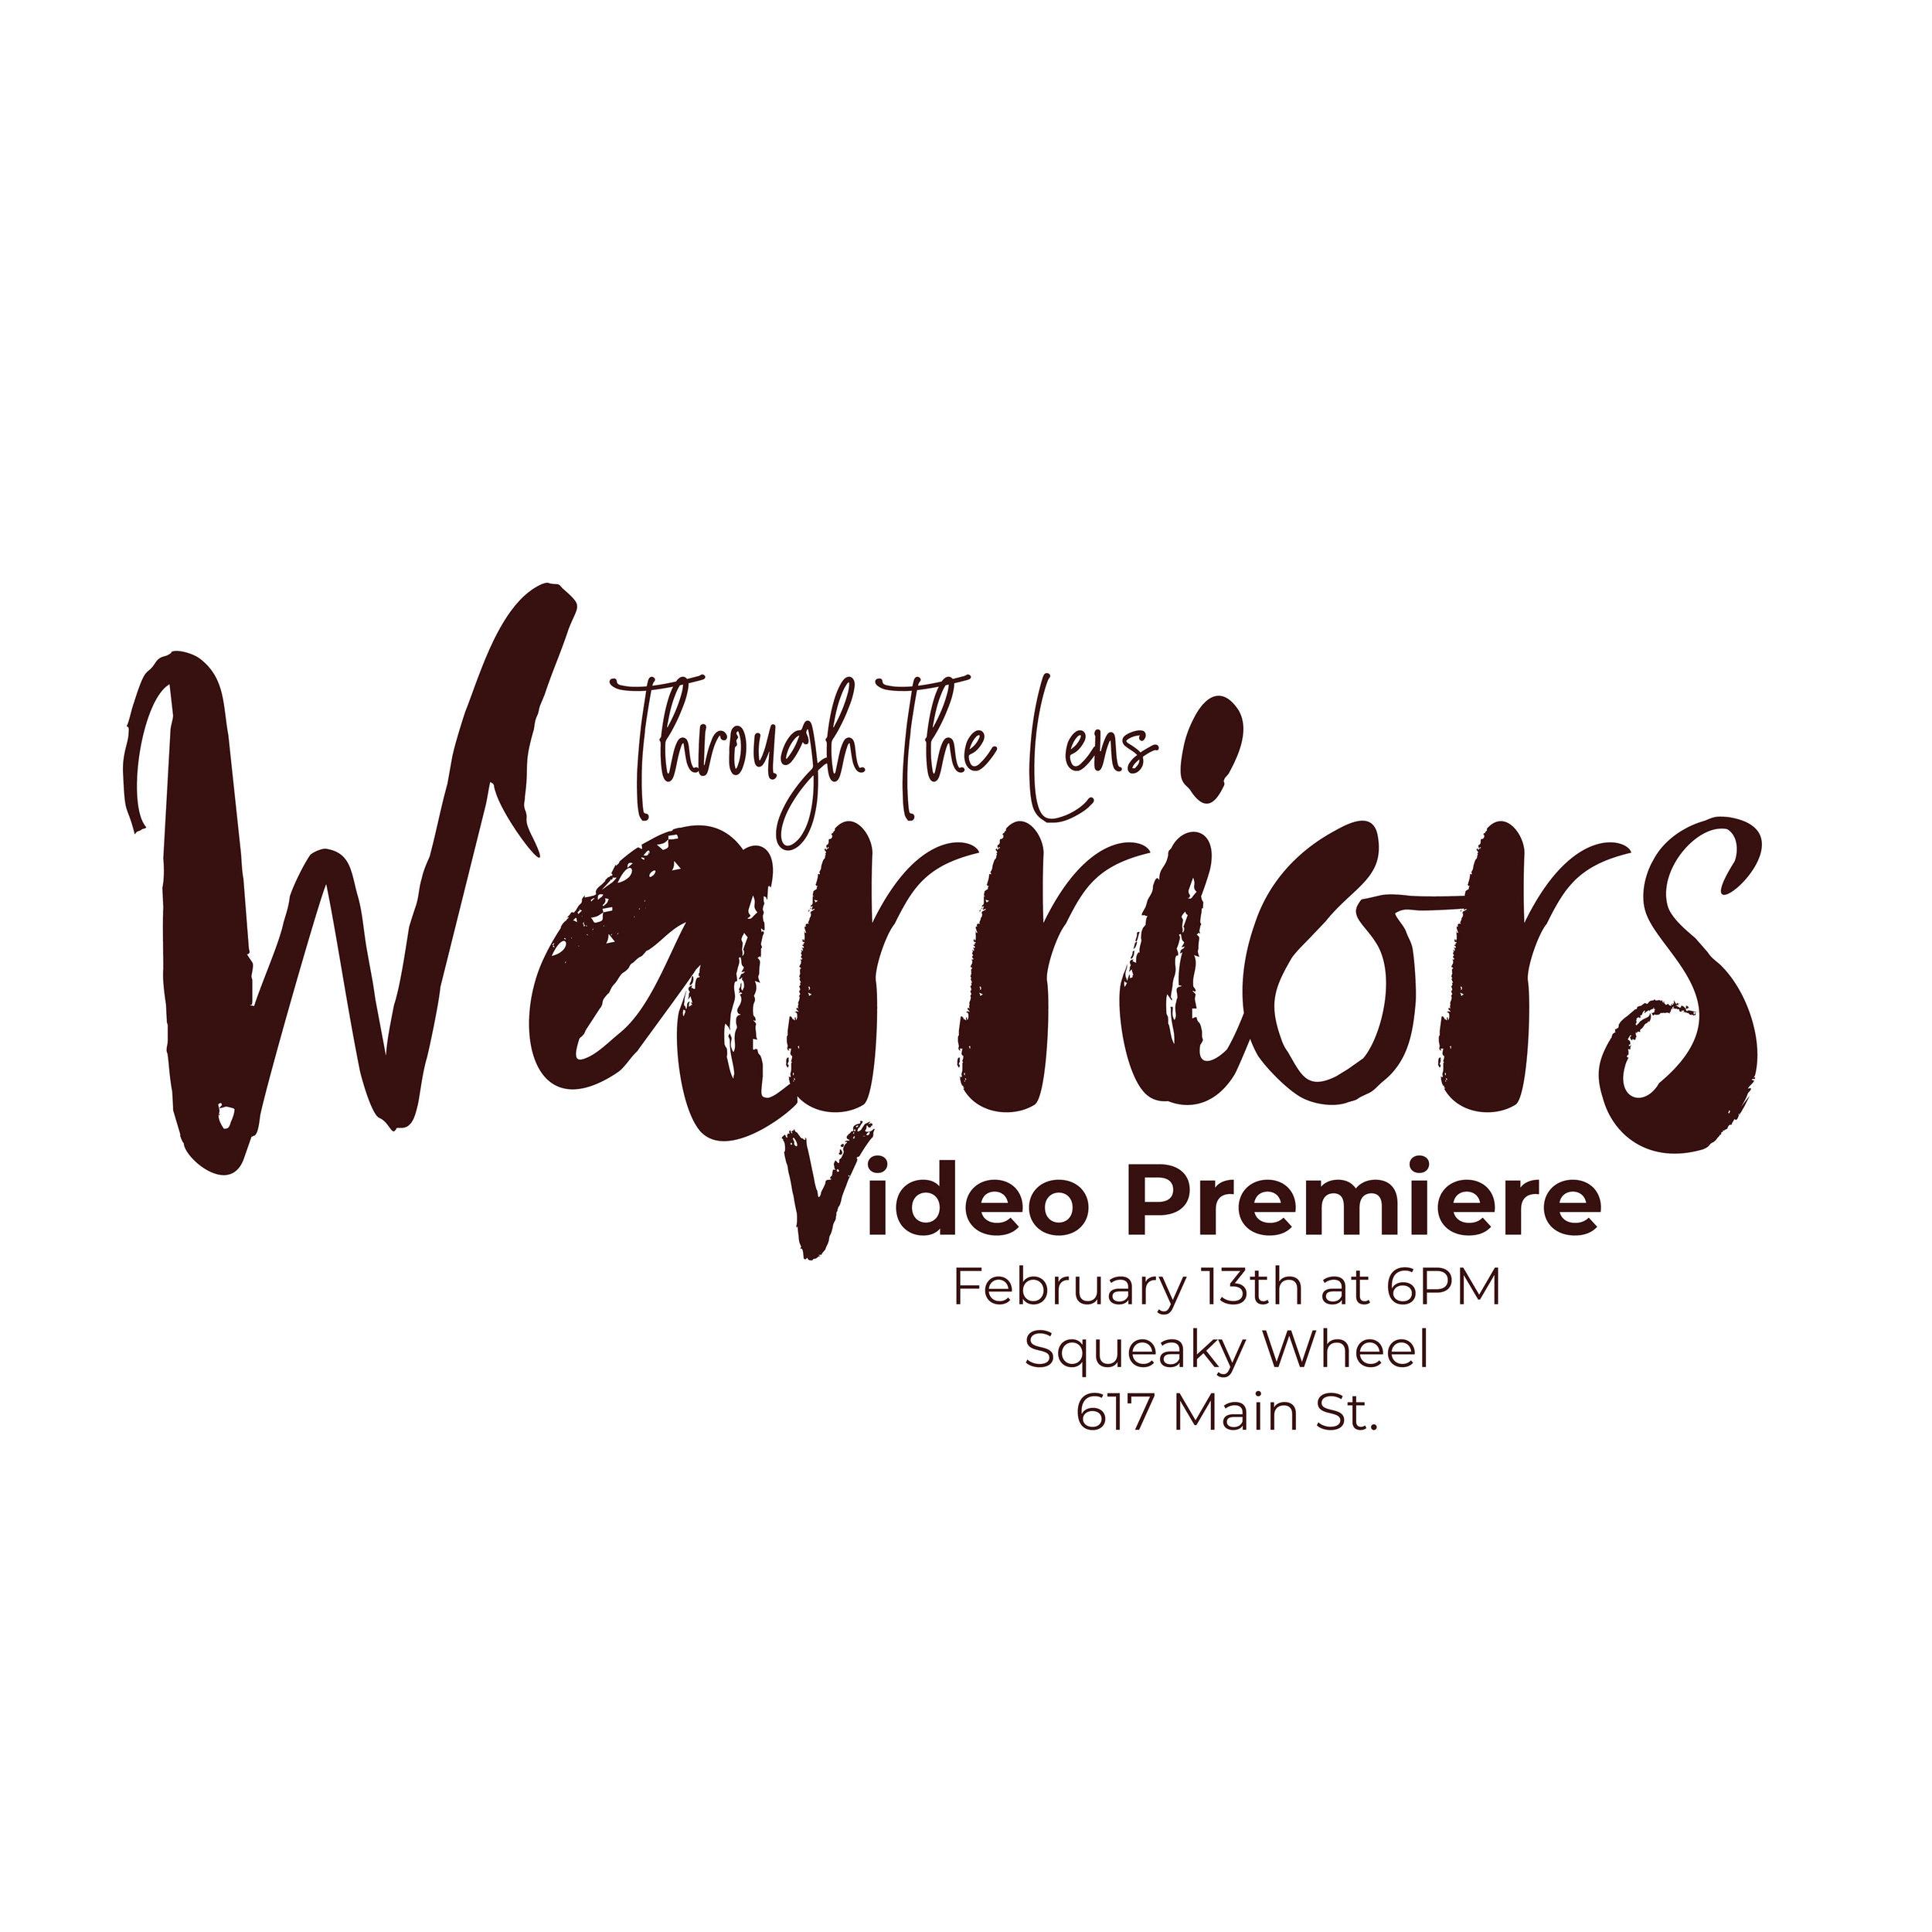 Warrior-Video-Premiere_BLK_SM.jpg